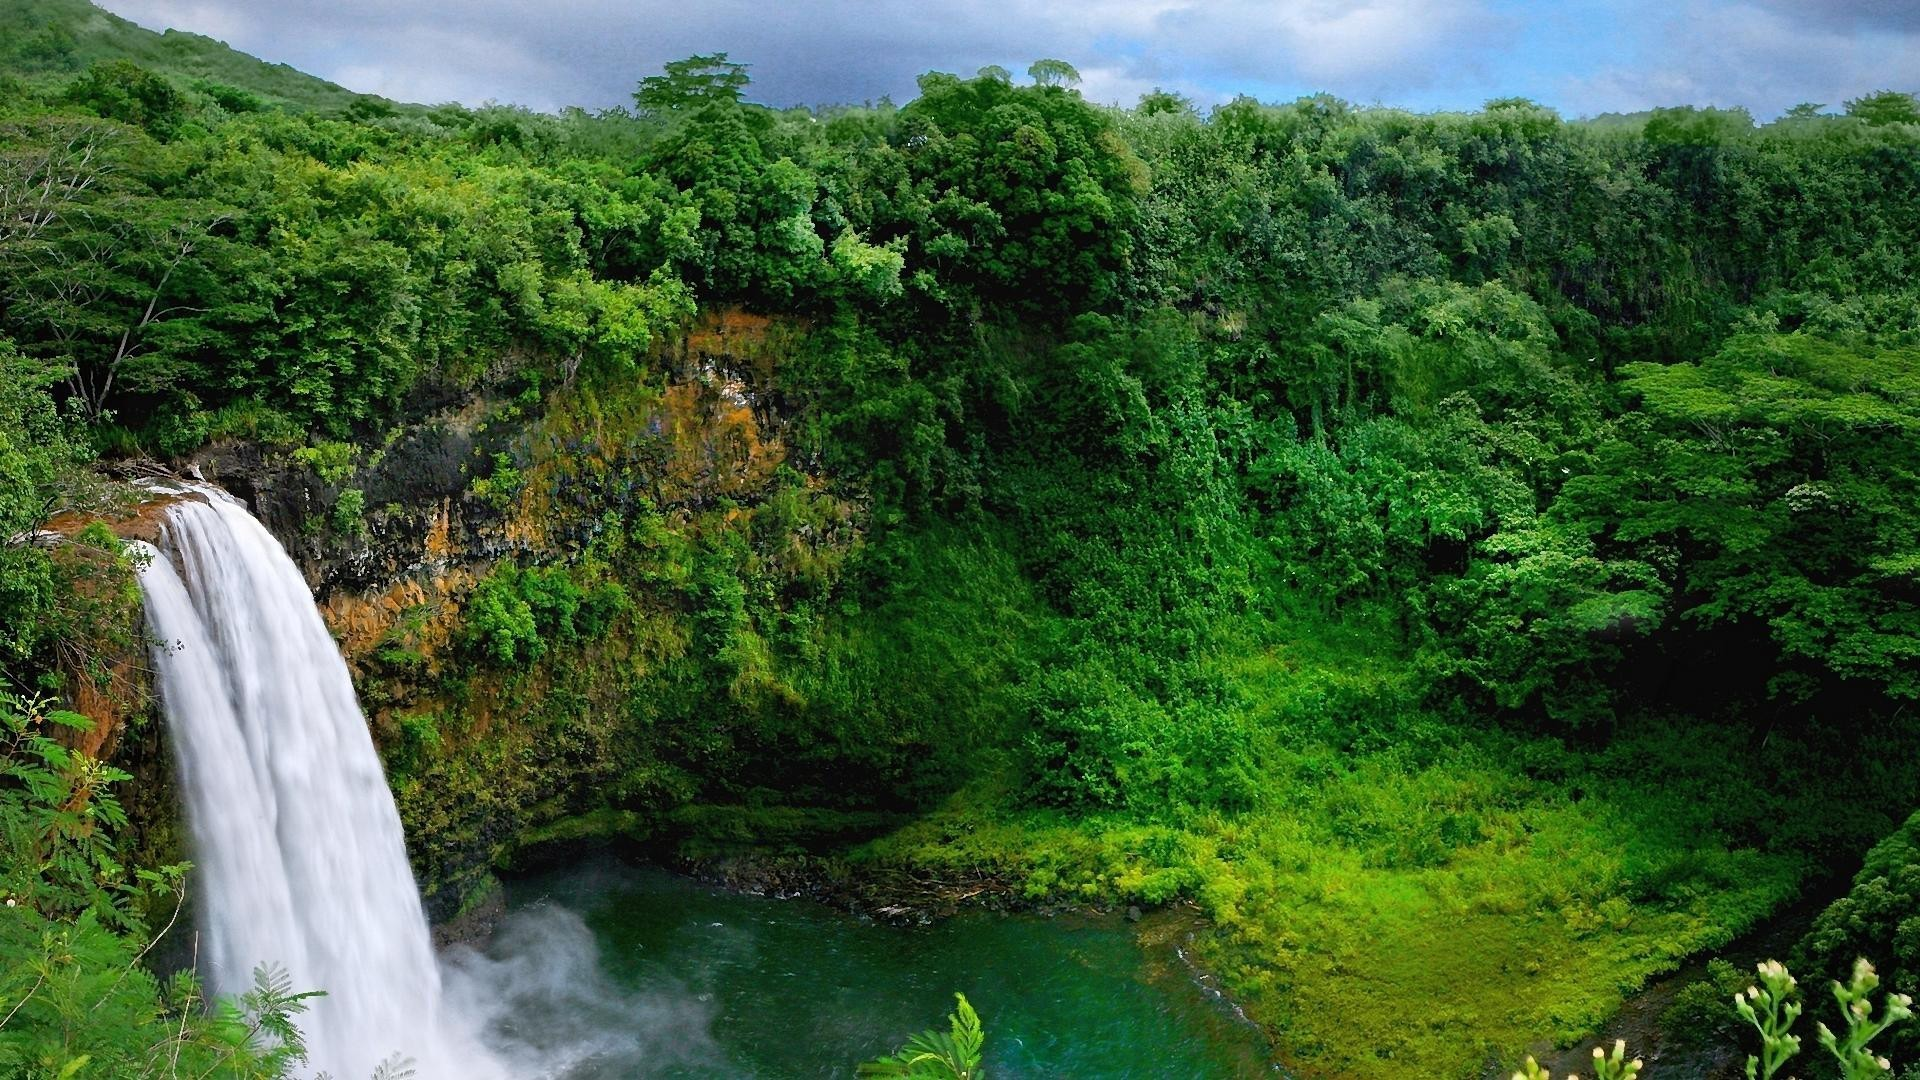 водопад озеро обрыв растительность анонимно